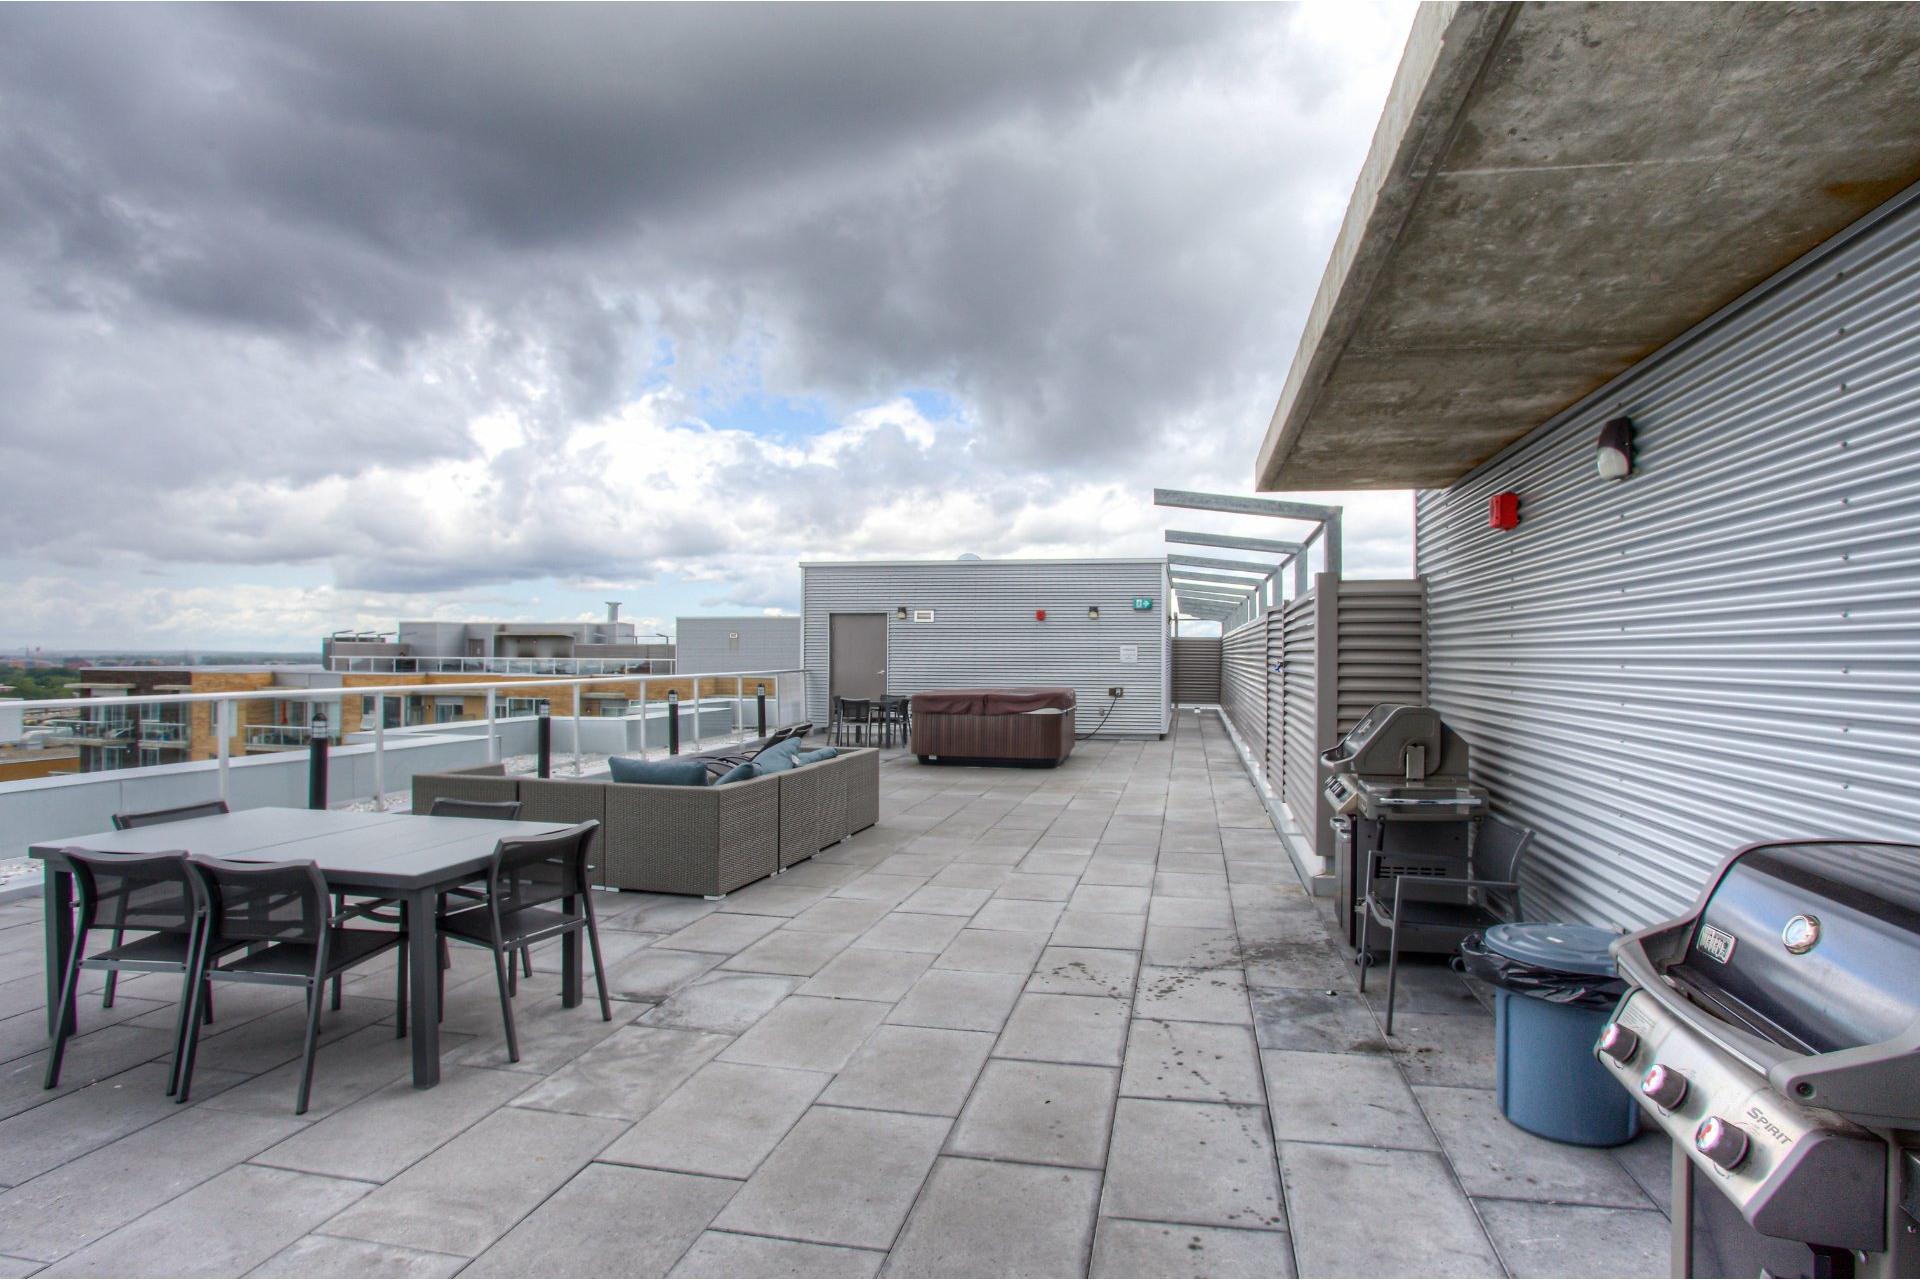 image 14 - Apartment For sale Ahuntsic-Cartierville Montréal  - 5 rooms